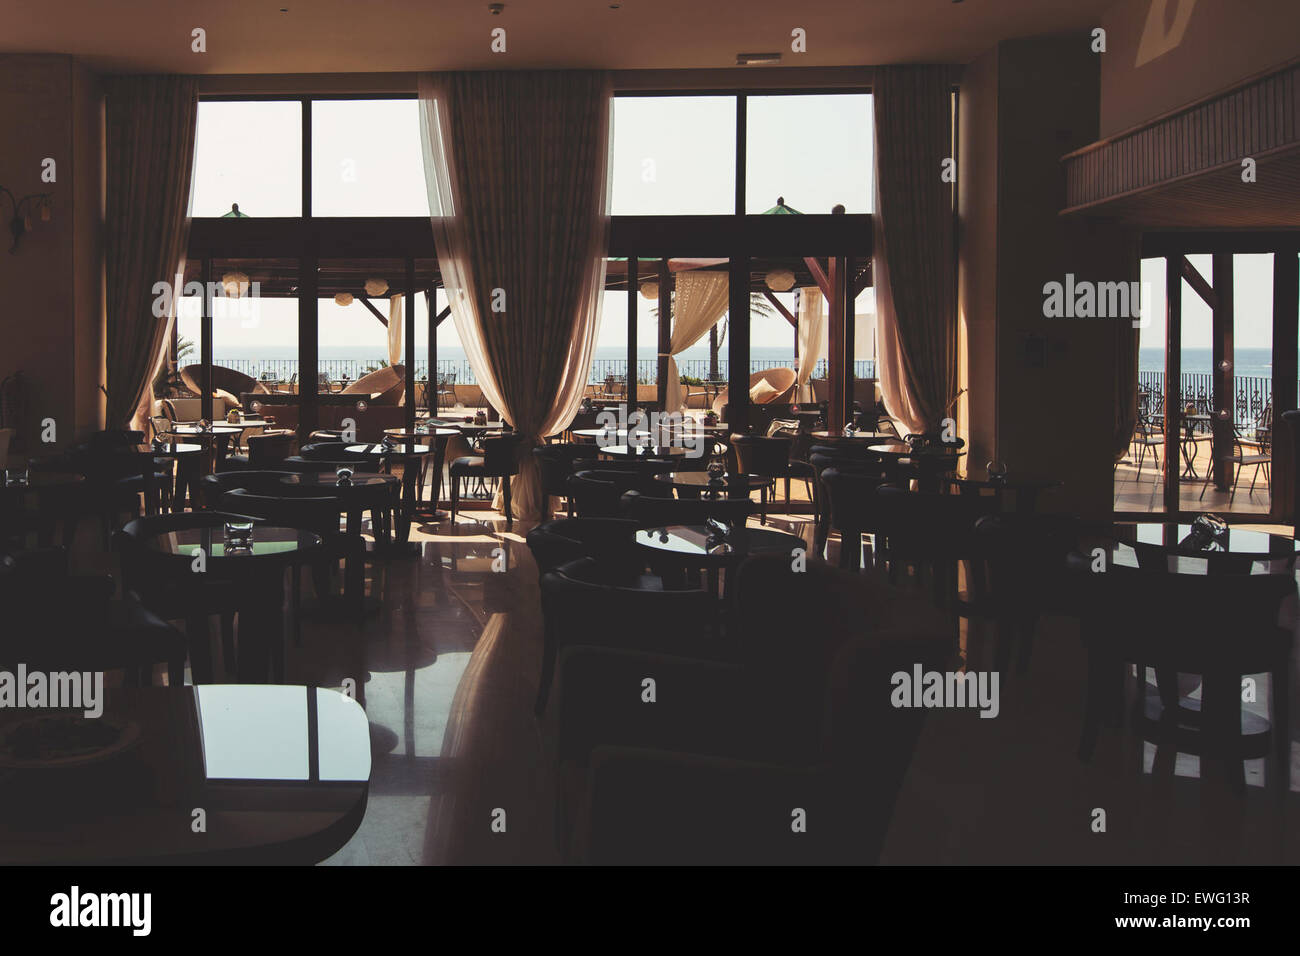 Indoor Fine Dining Establishment - Stock Image